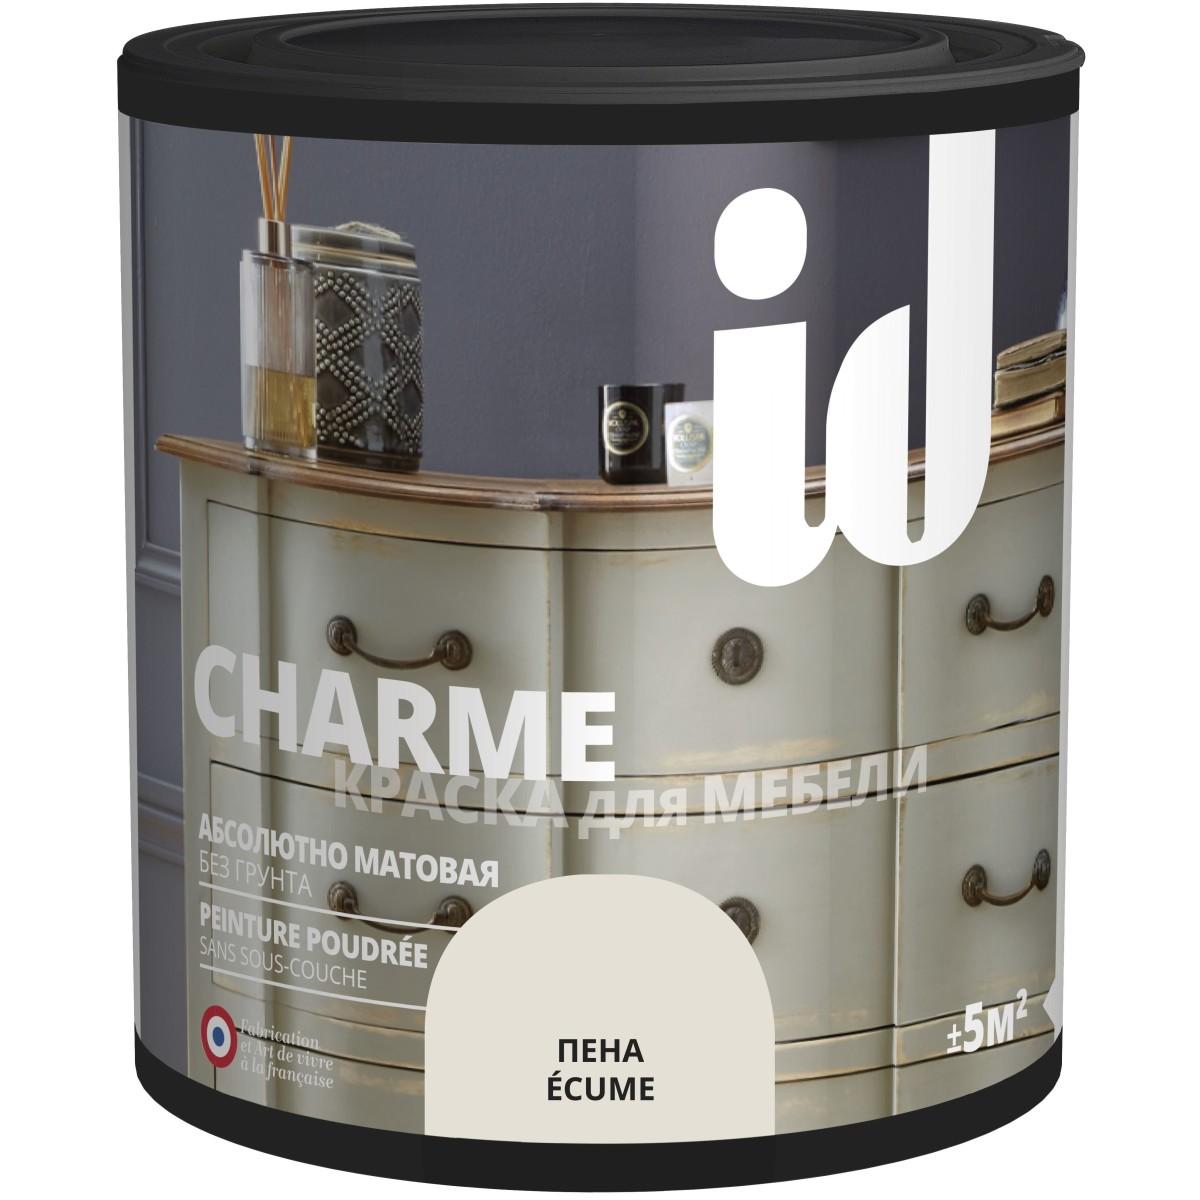 Краска для мебели ID Charme цвет пена 0.5 л